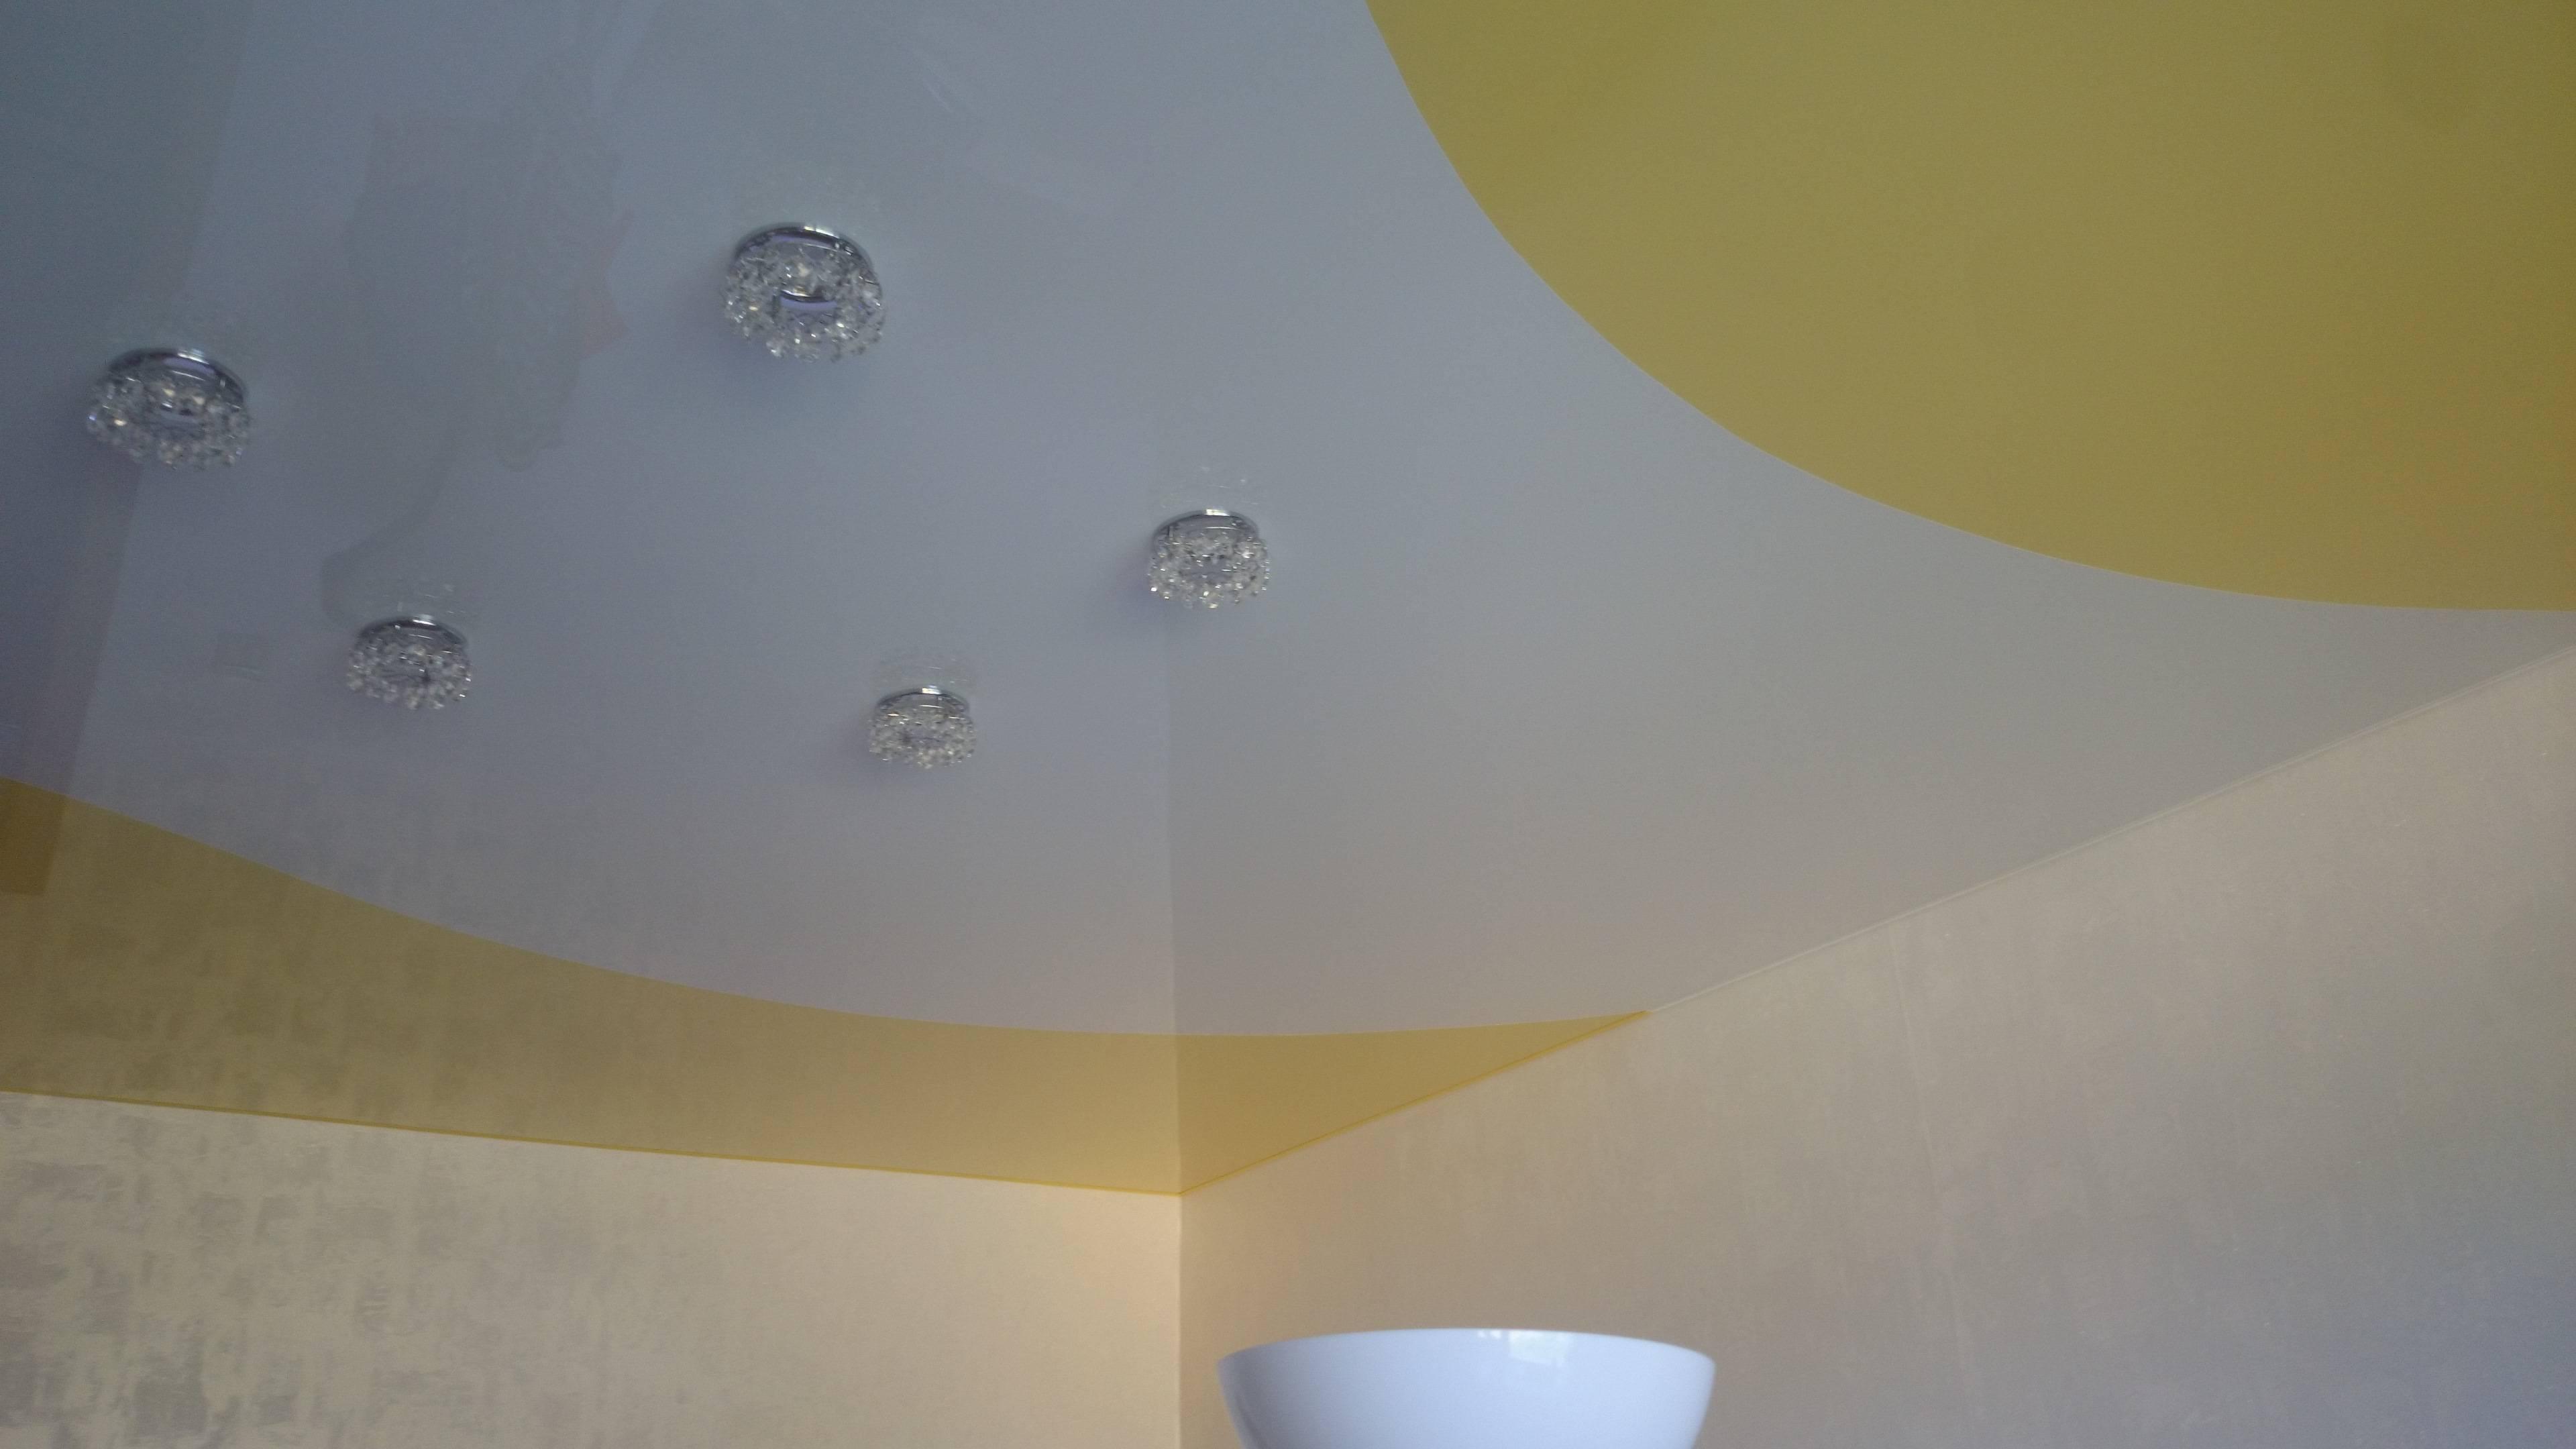 Натяжные потолки двух цветов - одноуровневые со спайкой и комбинированные